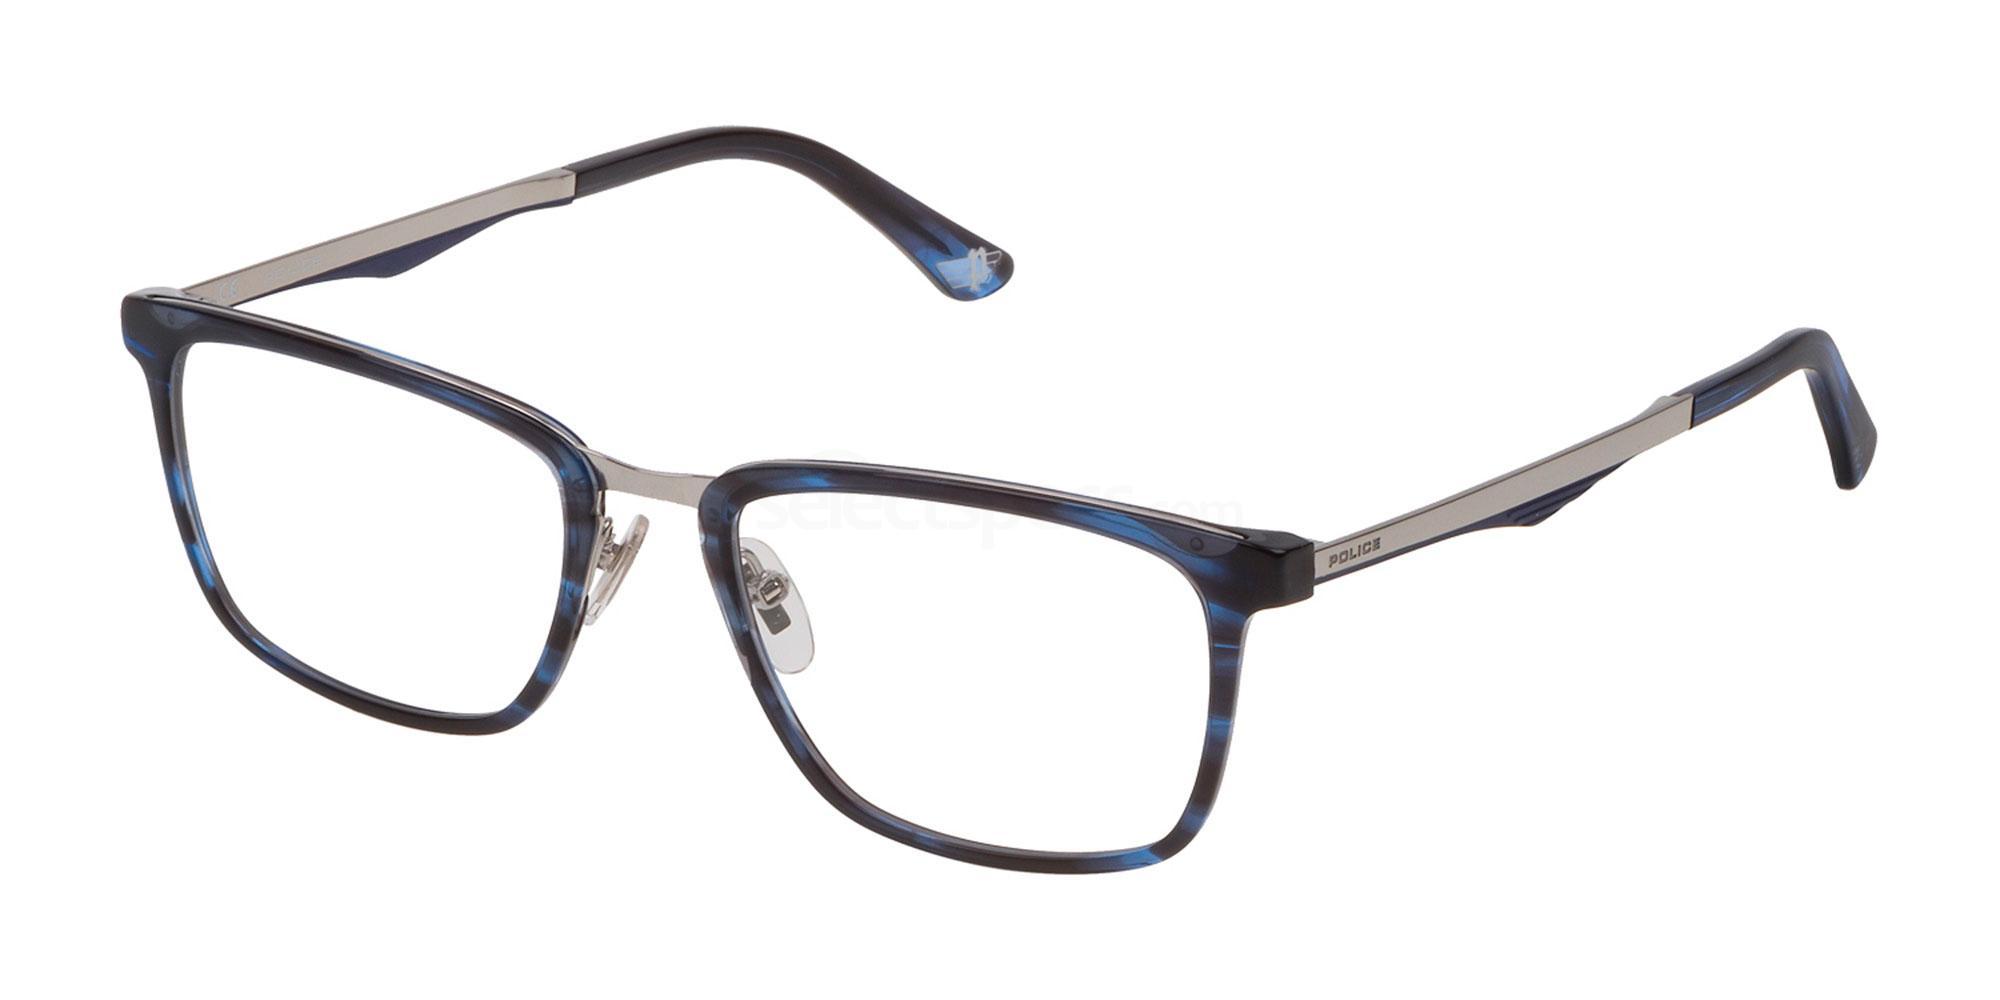 9N4M VPL684 Glasses, Police